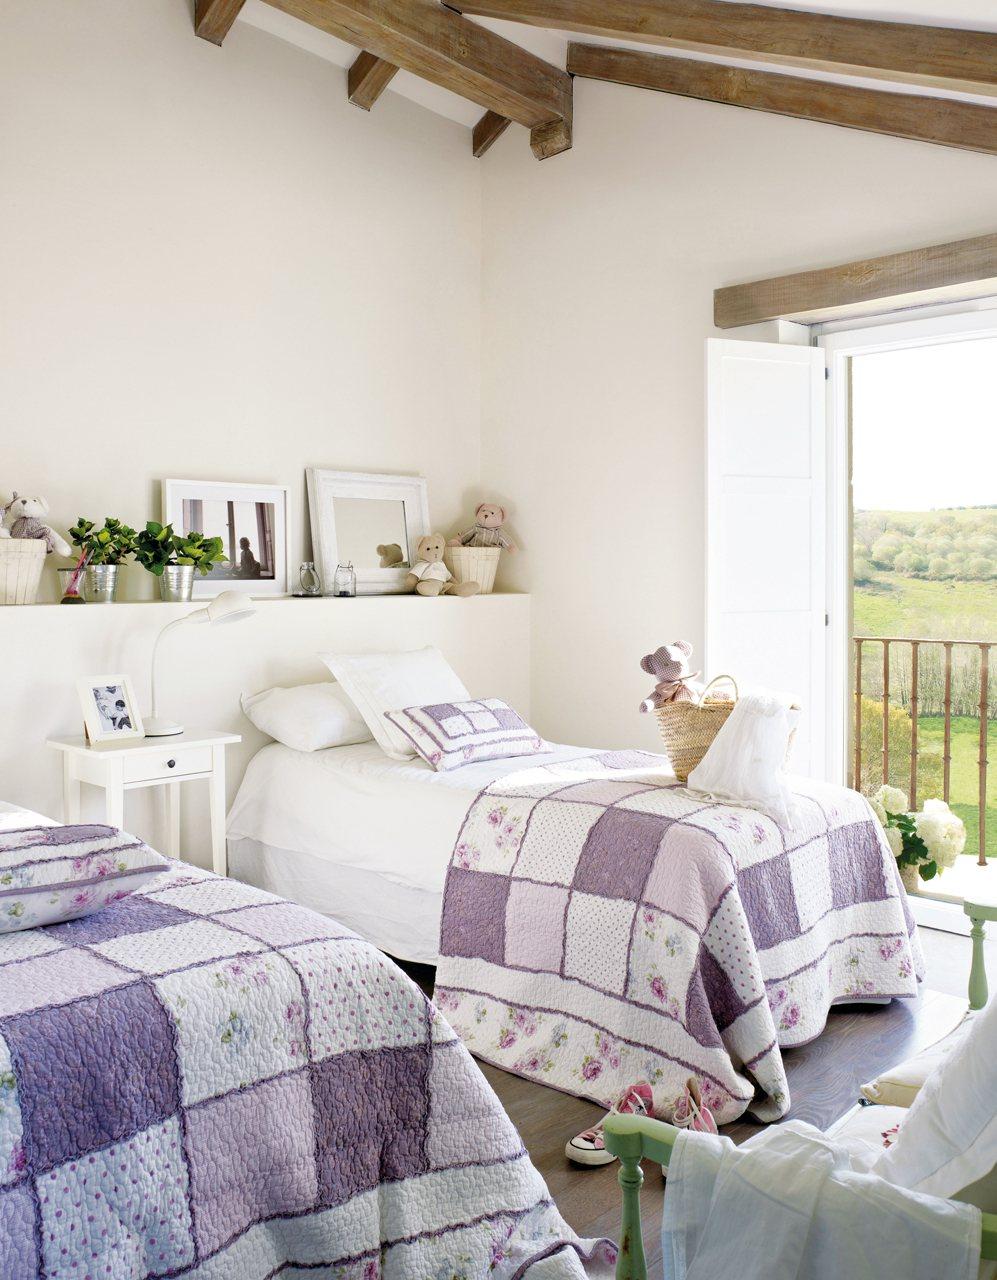 Claves de decoraci n de una habitaci n infantil - Como decorar una habitacion rustica ...